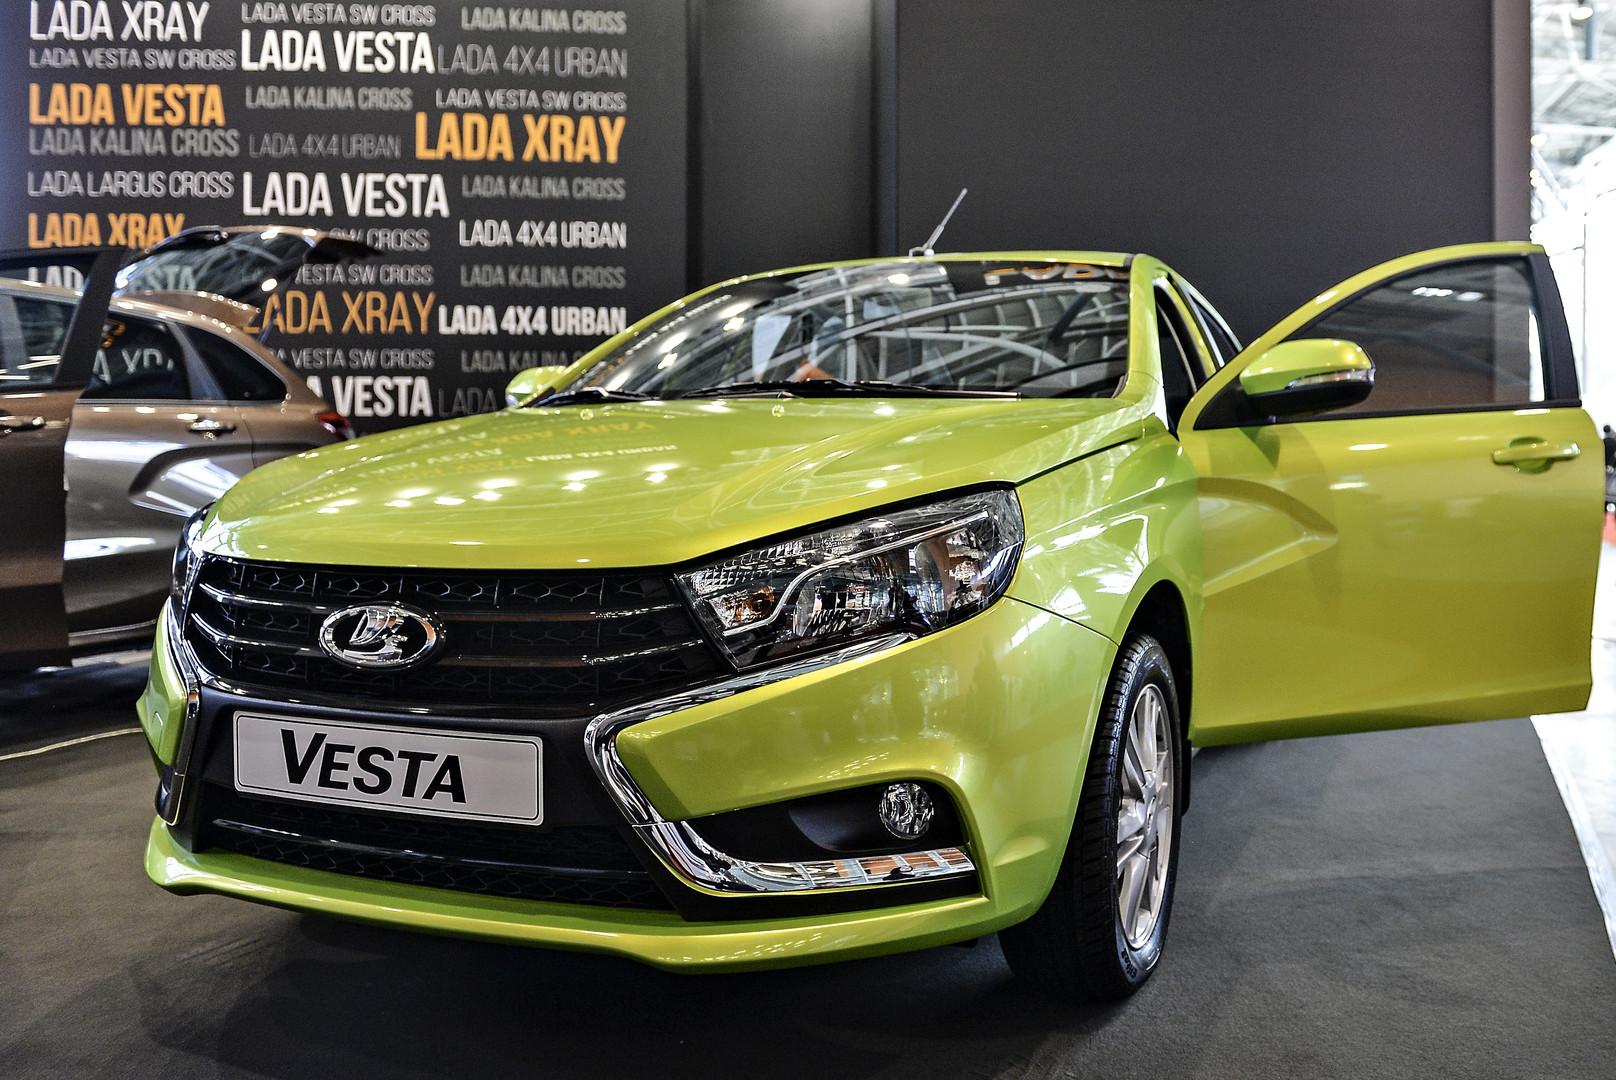 Немецкие СМИ сообщили, чем Lada Vesta привлечёт покупателей в Германии